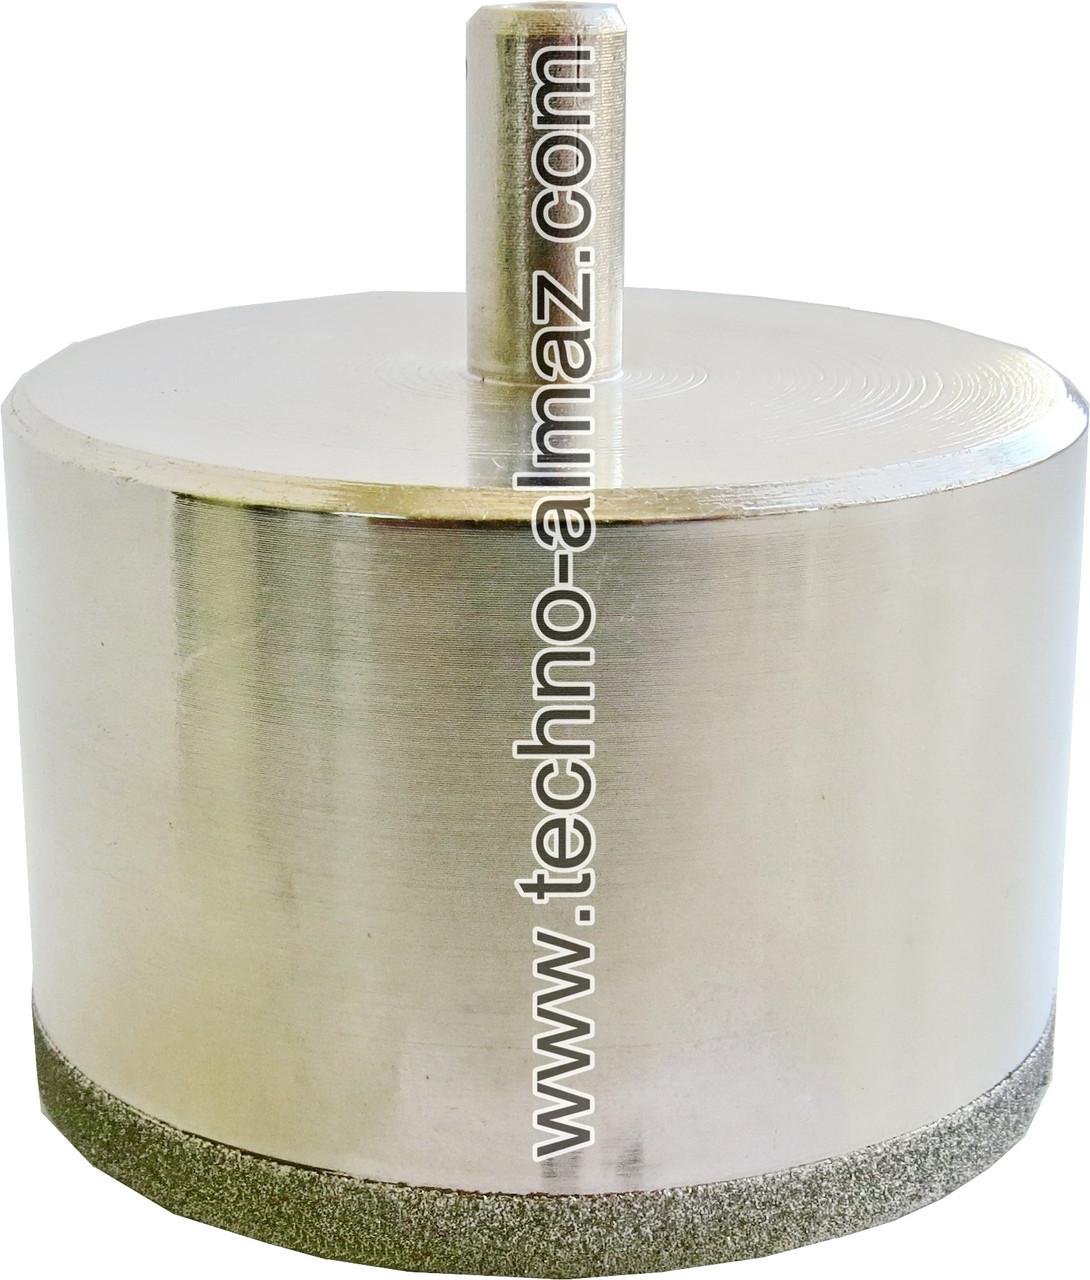 Алмазное сверло D 65 мм